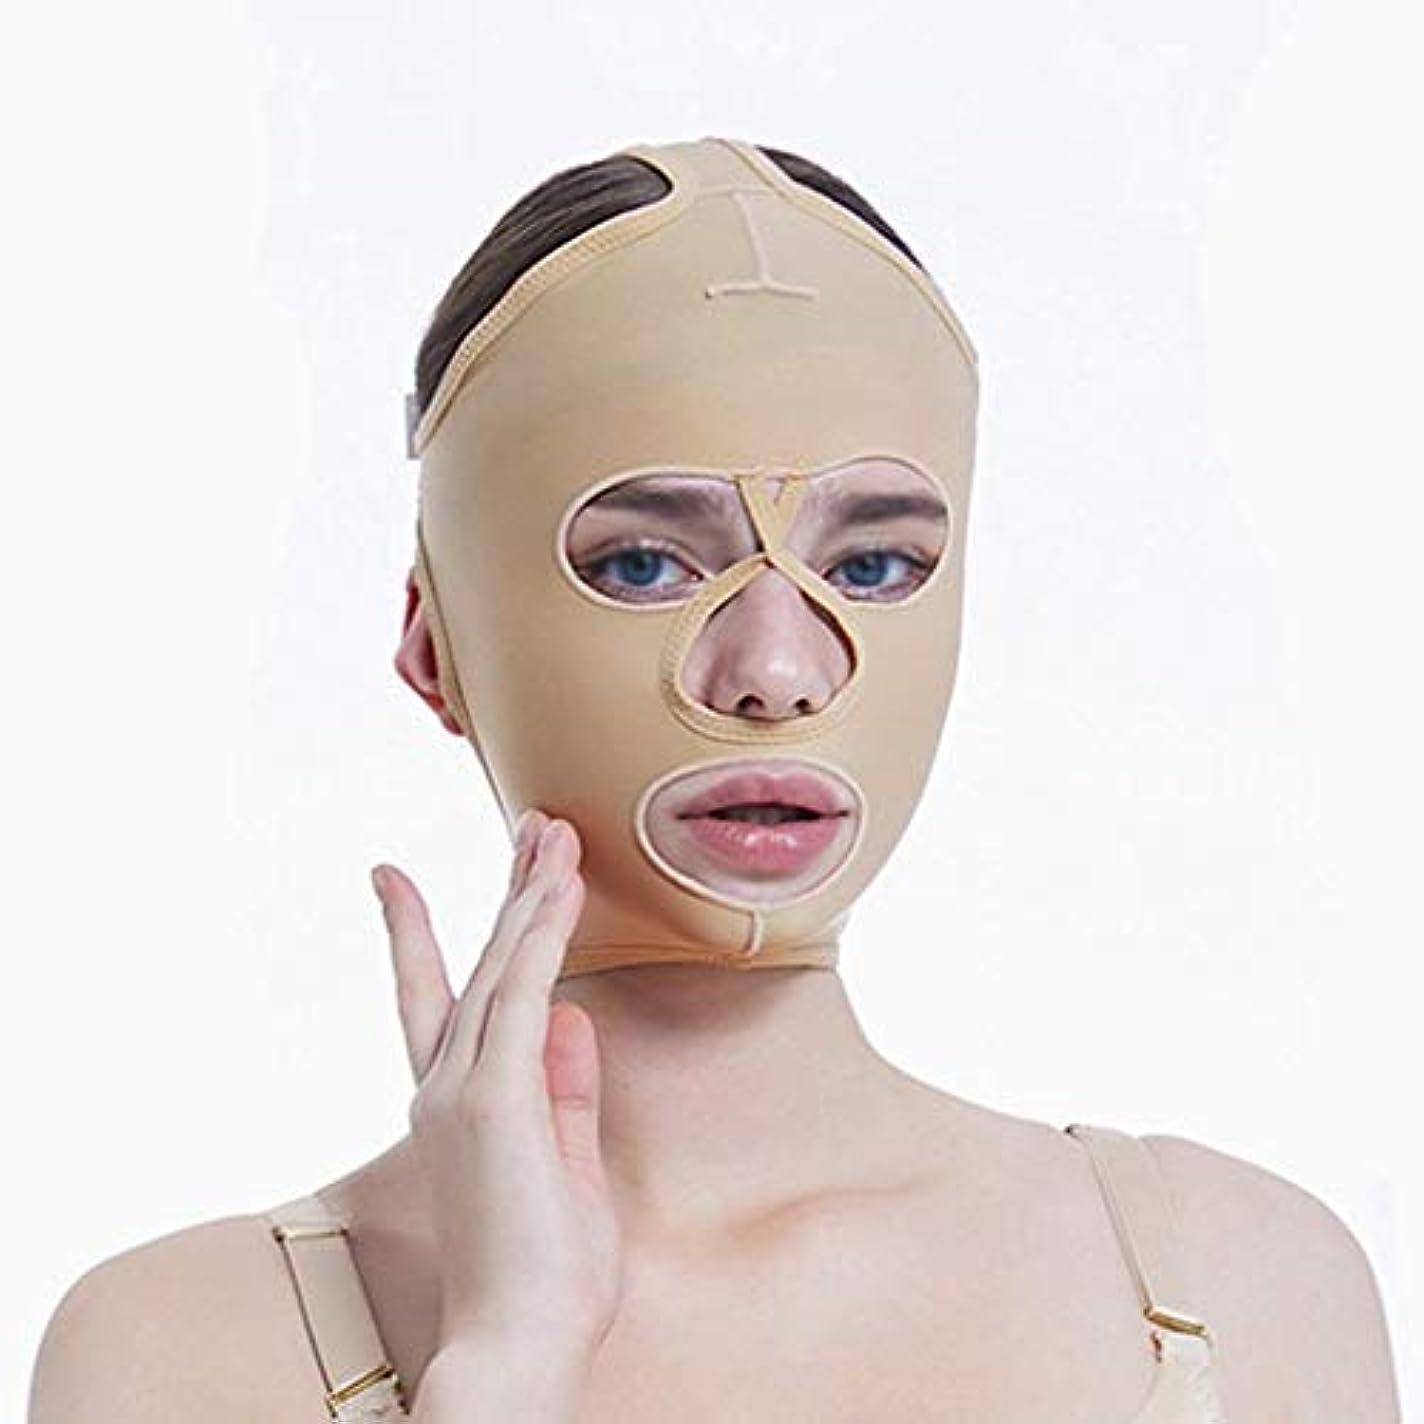 国民賞賛機械的チンリフティングベルト、超薄型ベルト、引き締めマスク、包帯吊り、フェイスリフティングマスク、超薄型ベルト、通気性(サイズ:L),XXL